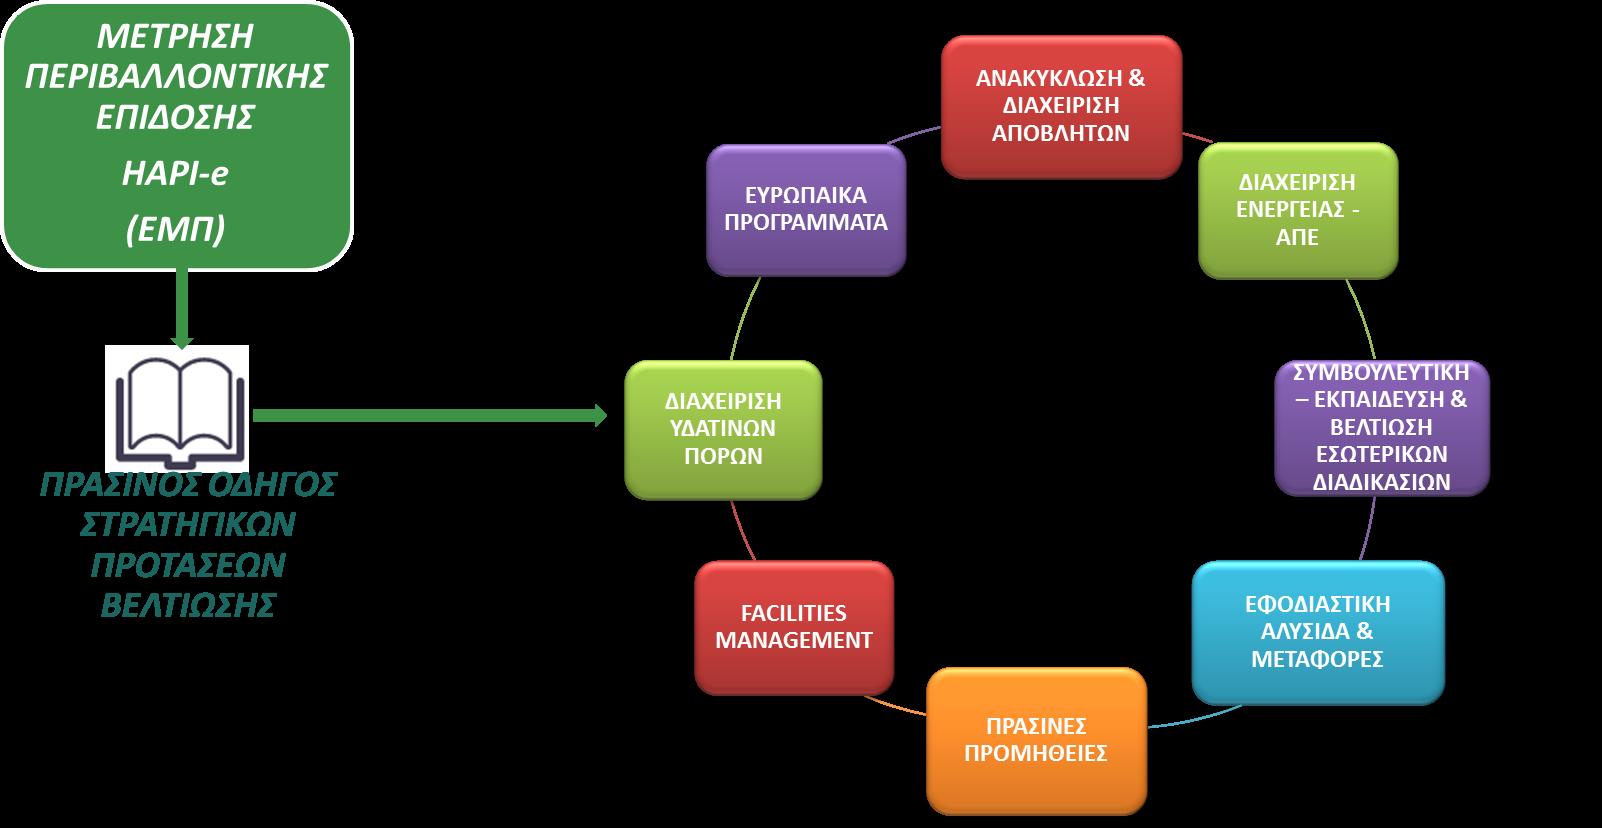 texnika-erga-diagramma